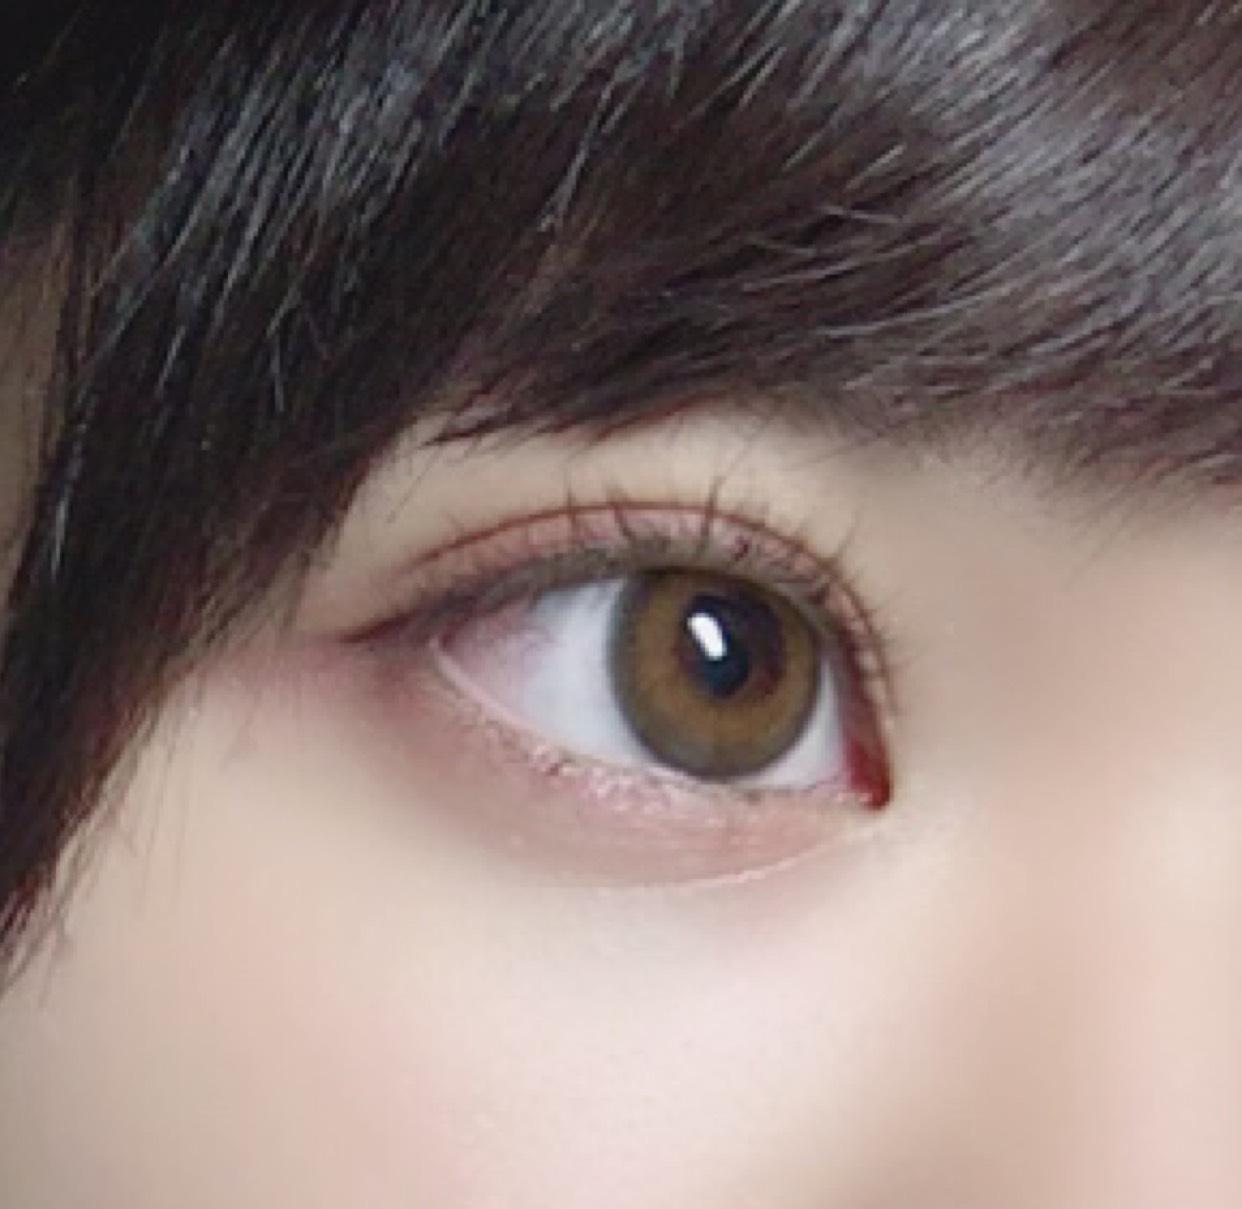 アイブロウペンシルで目の下にうっすら線を引いて内側にぼかしていきます!涙袋簡単ですがこんな感じです!